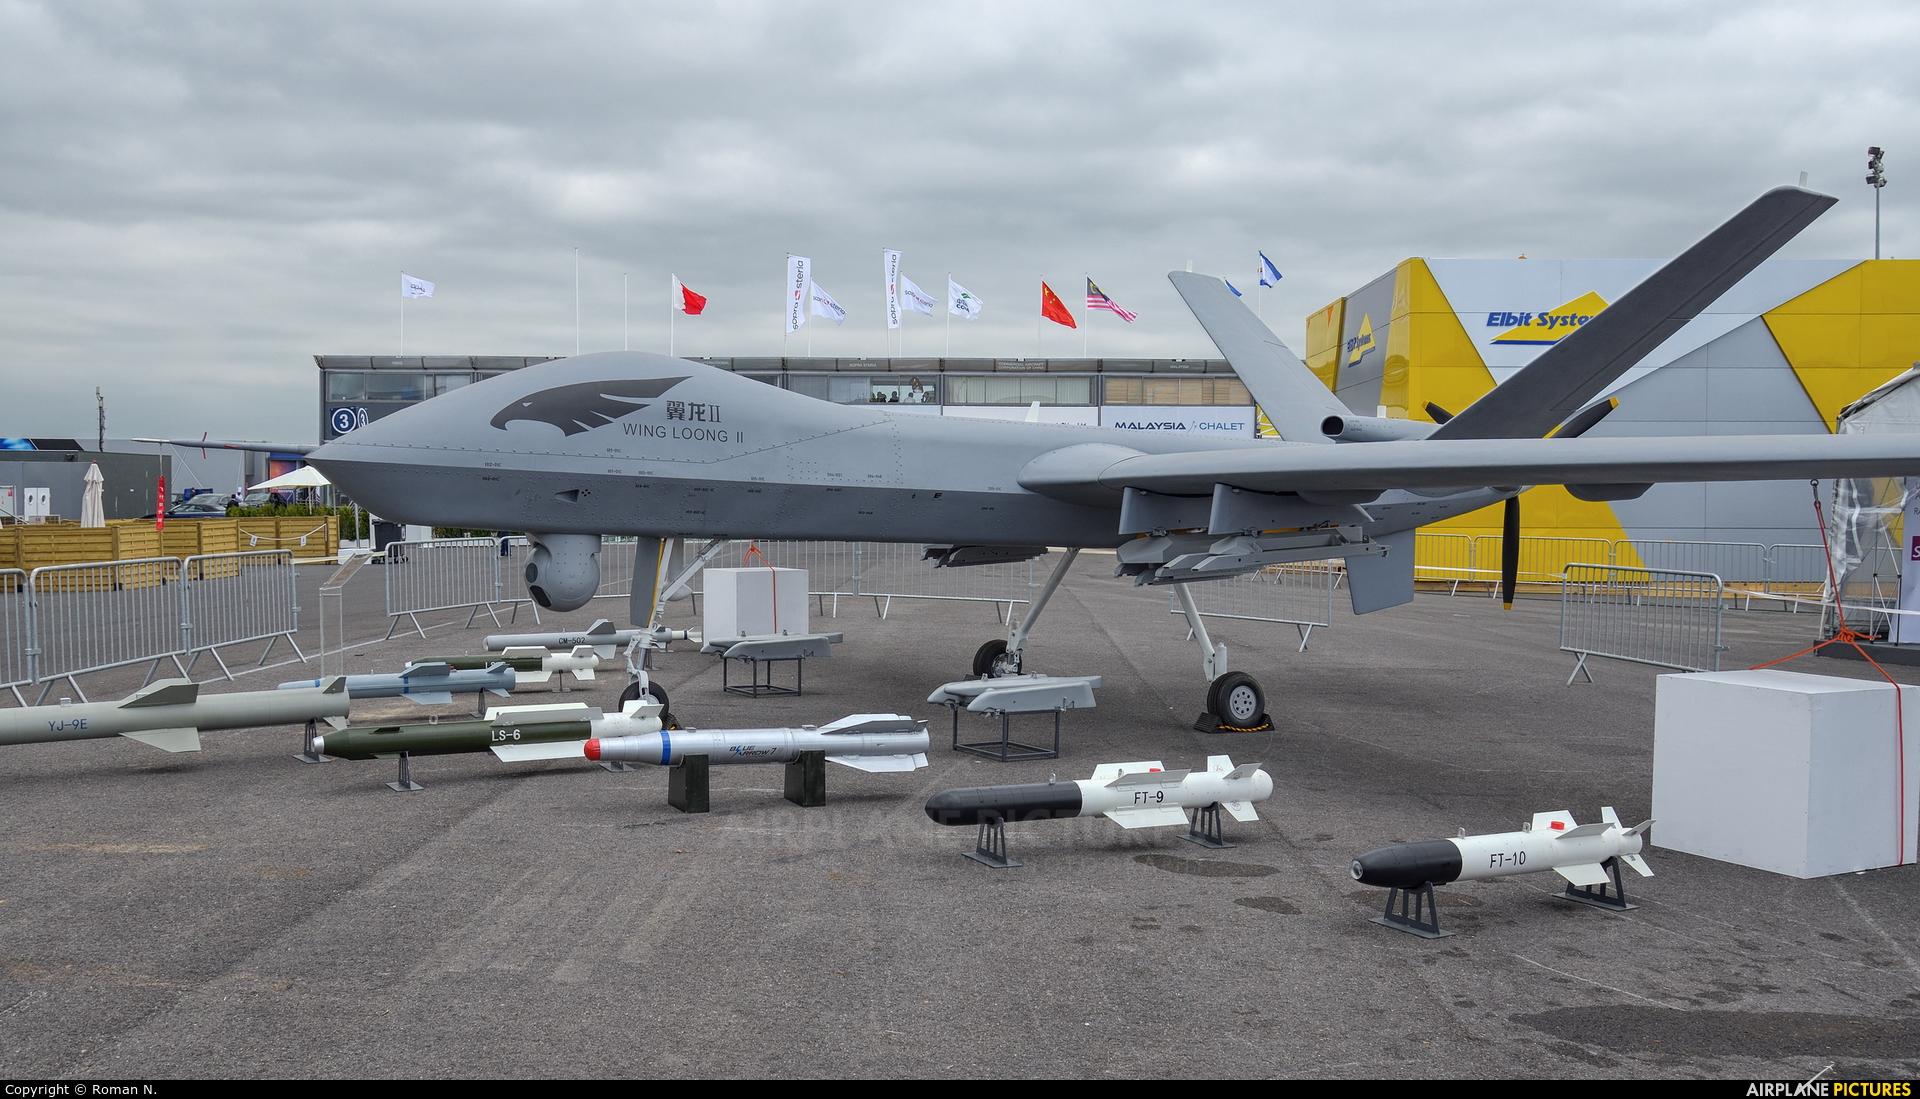 China - Air Force - aircraft at Paris - Le Bourget